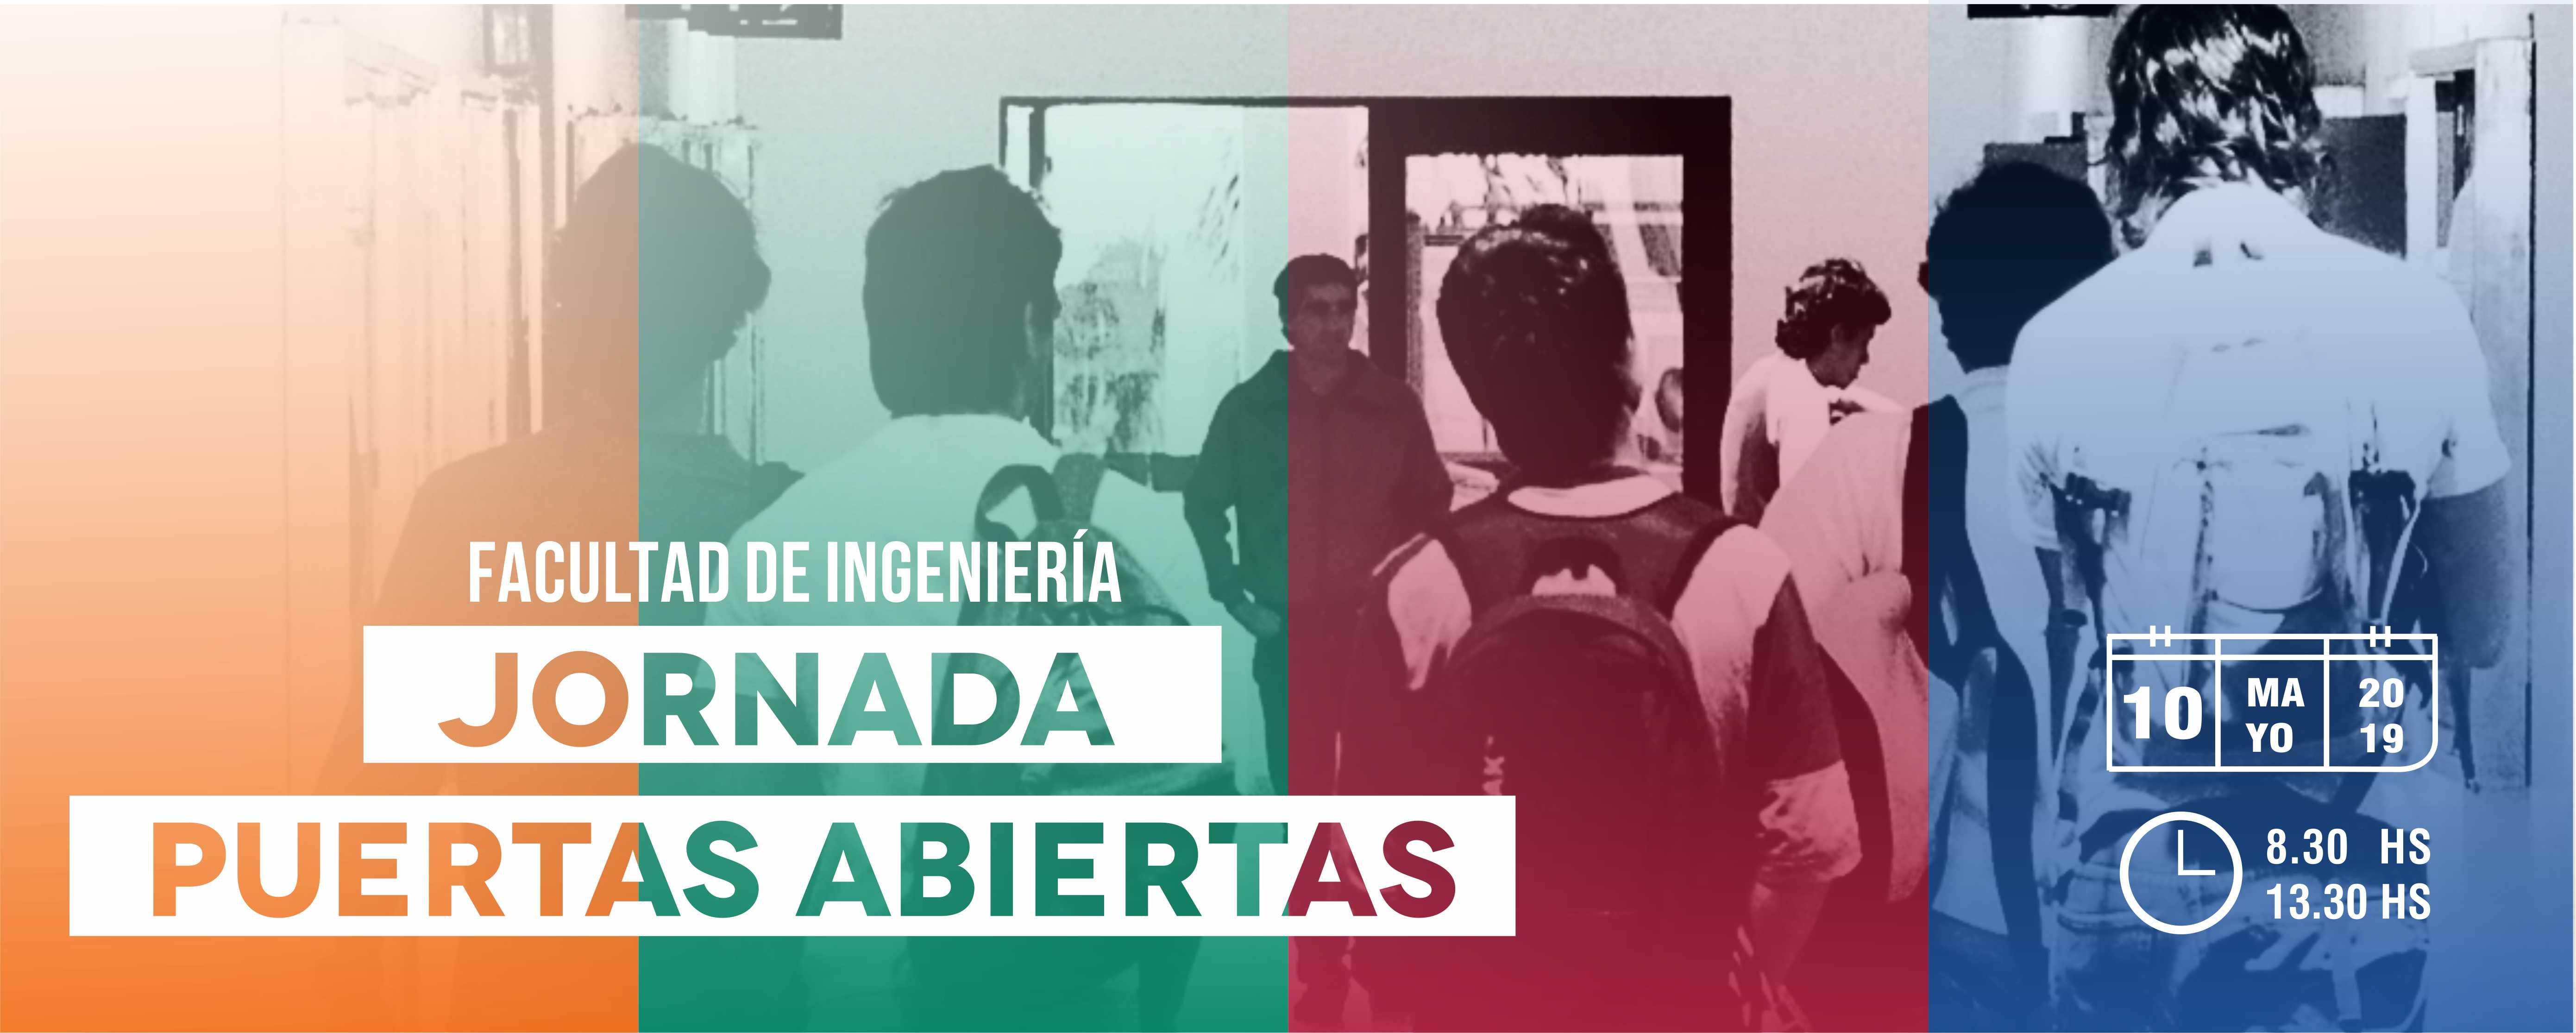 Jornada de Puertas Abiertas - Facultad de Ingeniería